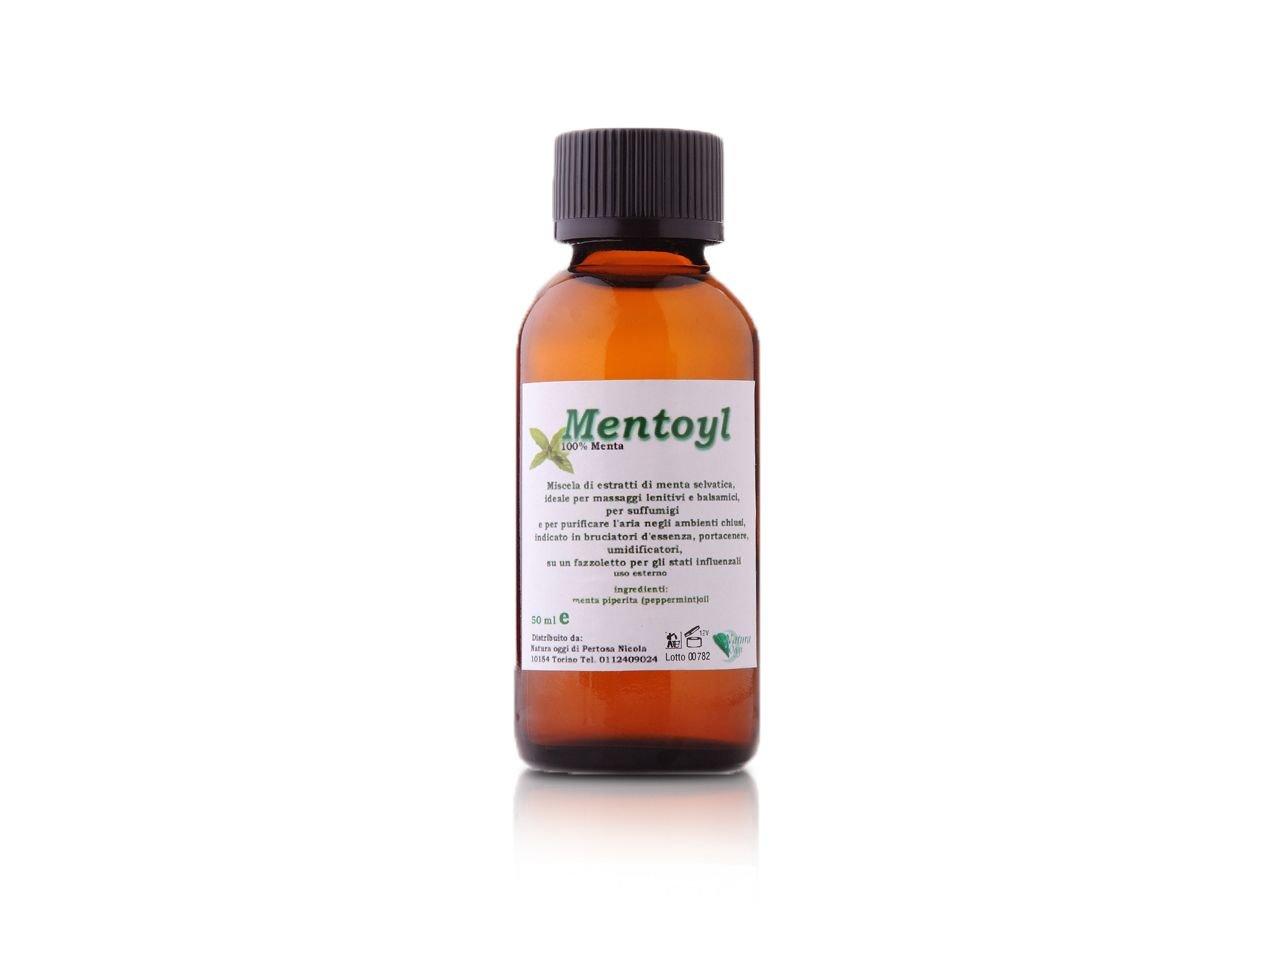 Mentoyl Distillato Di Menta Piperita -1